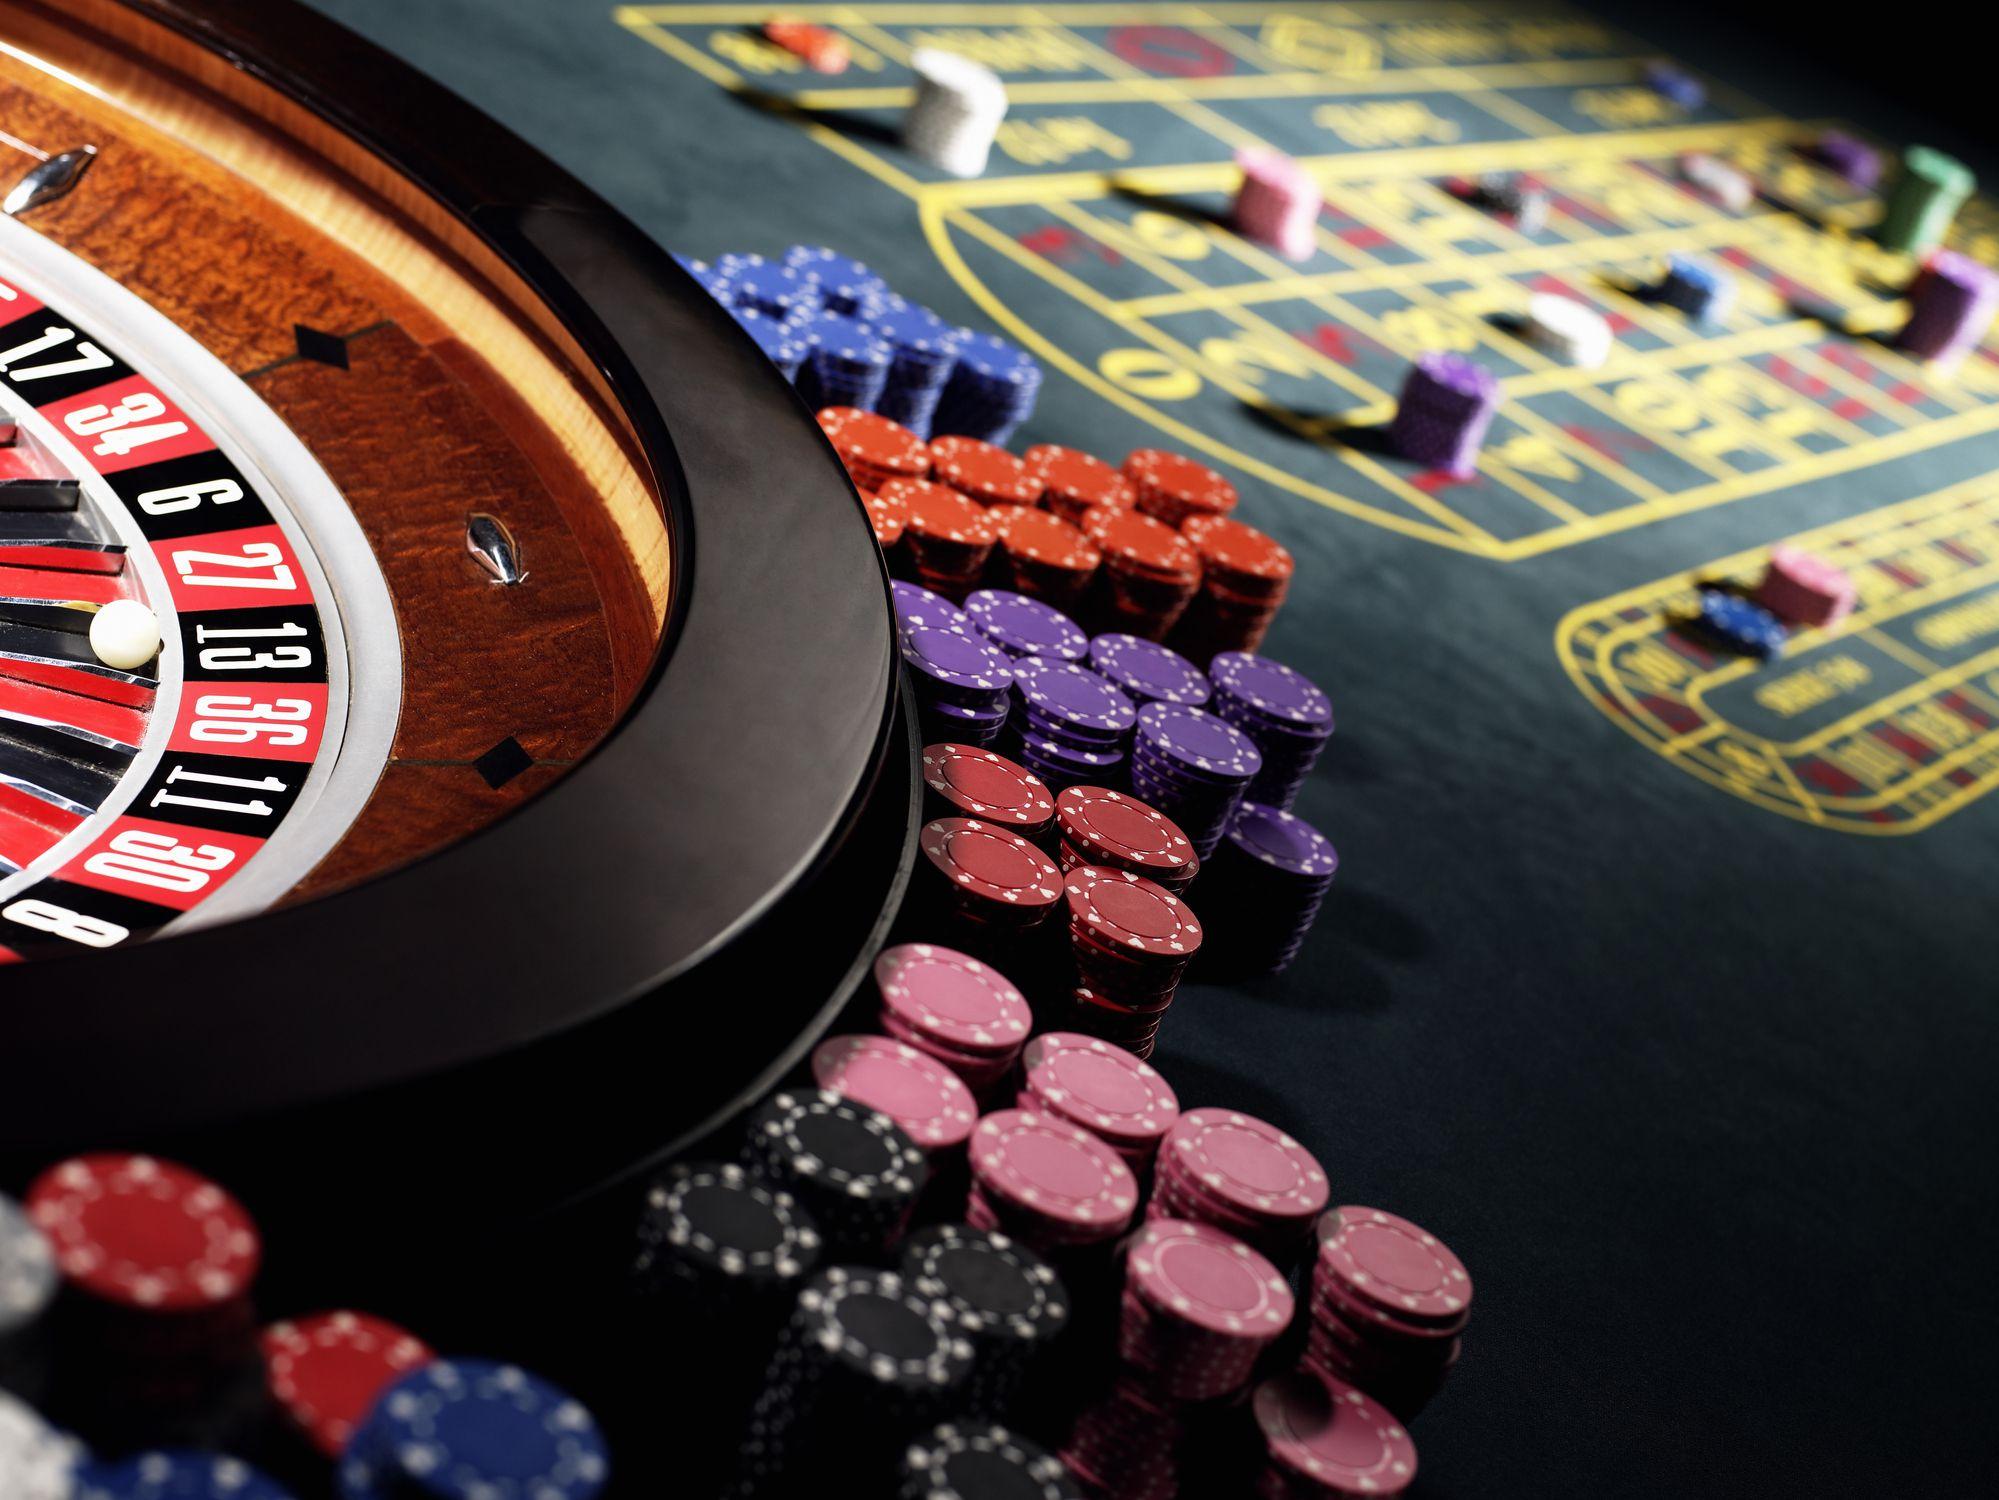 カジノはギャンブル依存症にどのように反応しますか?